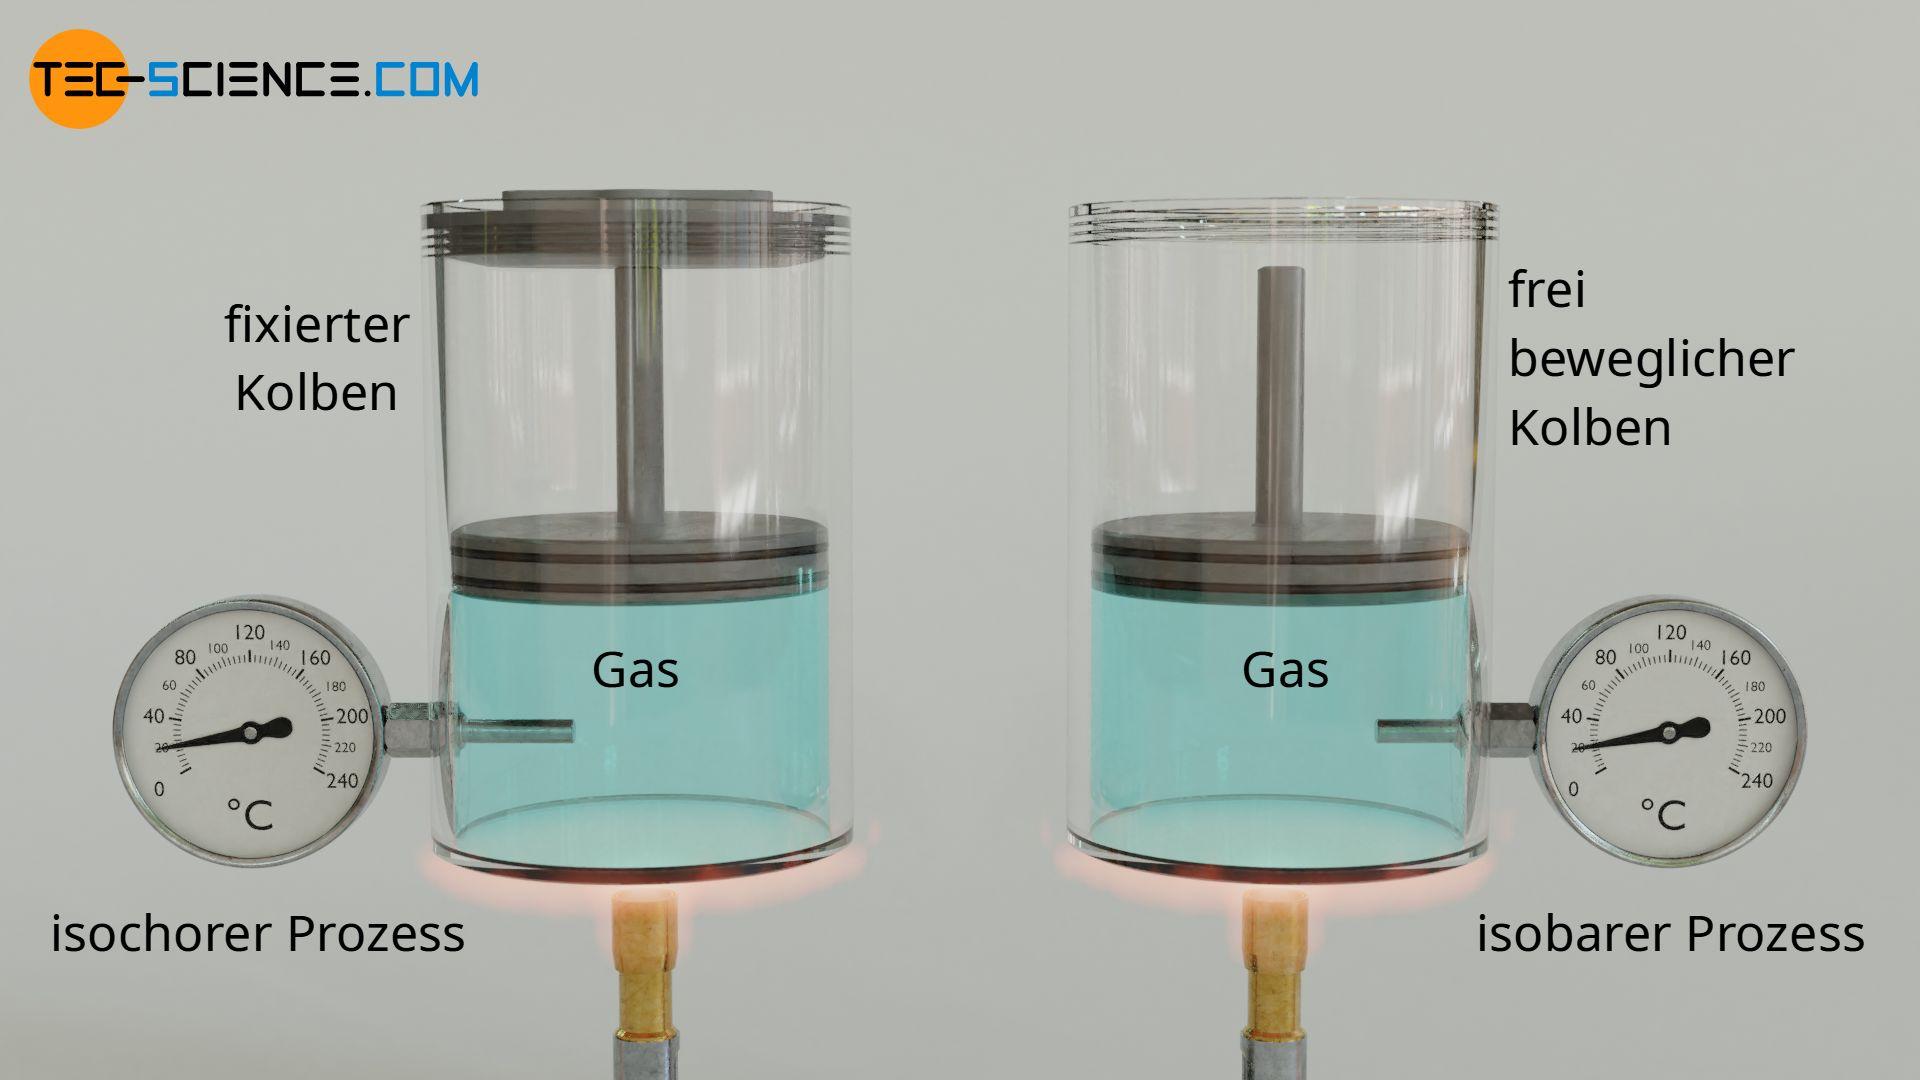 Erwärmung eines Gases bei konstantem Volumen (links) und konstantem Druck (rechts)